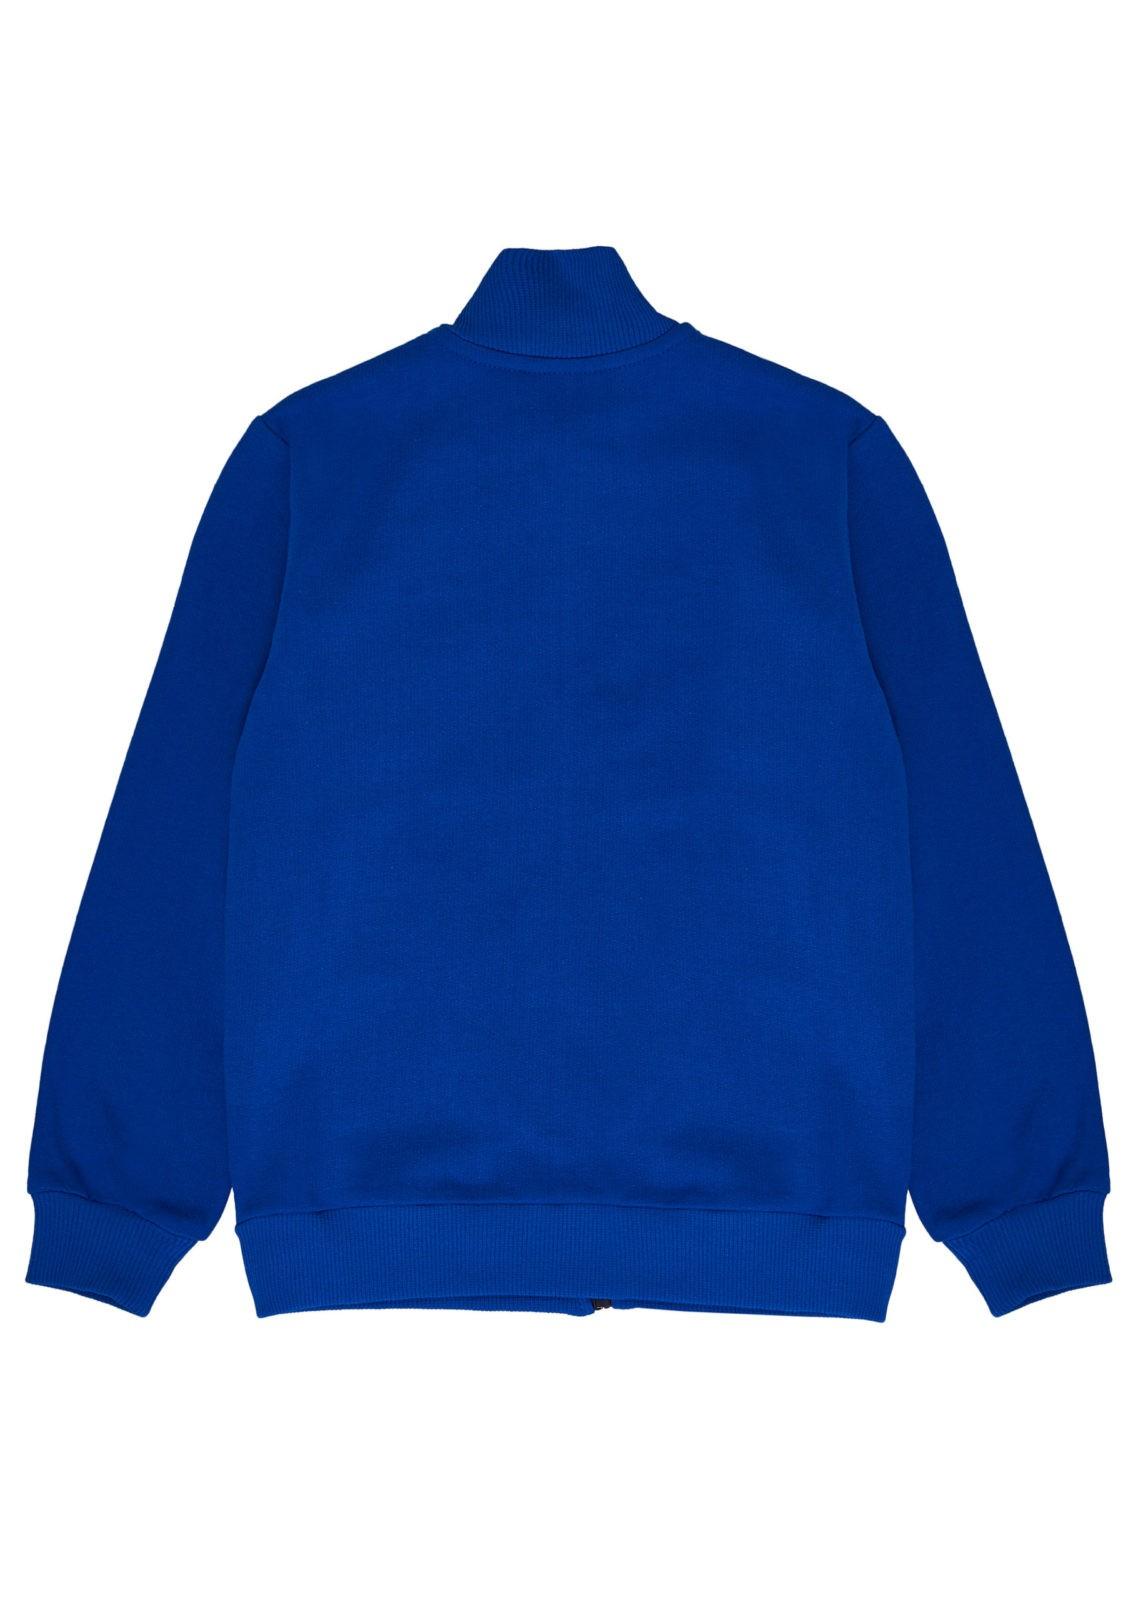 Chlapecká mikina Fast 95 Tmavě modrá